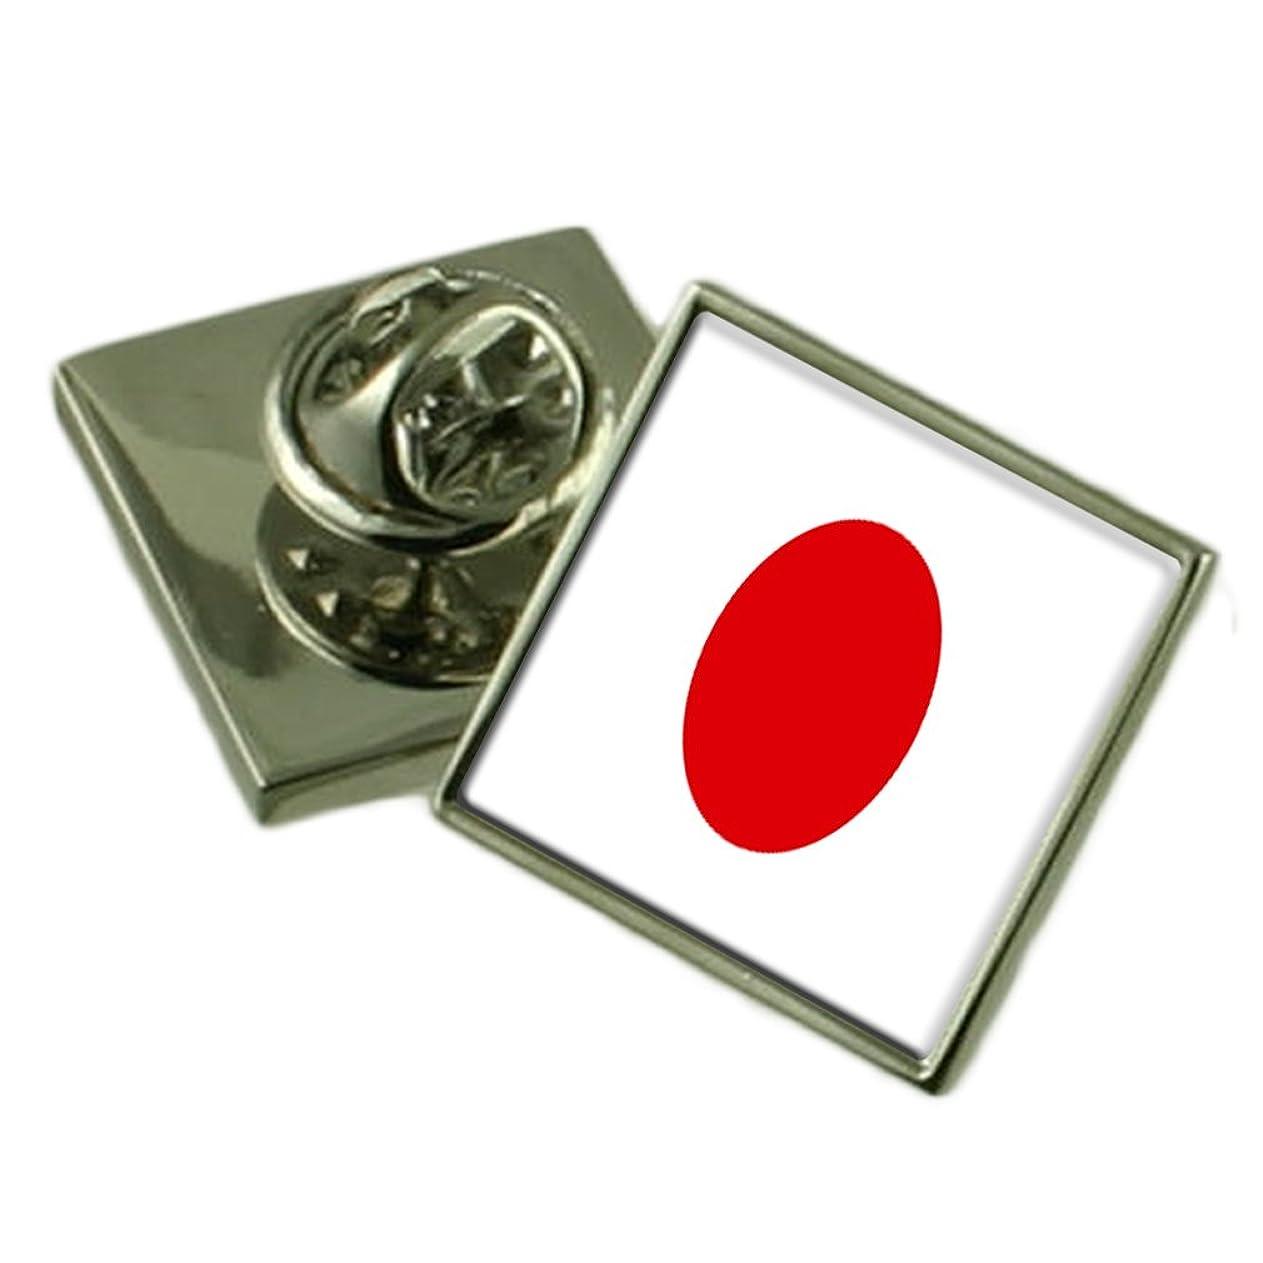 ケージ露出度の高いジャズ日本ラペルピンバッジを刻まれた個人化されたボックス